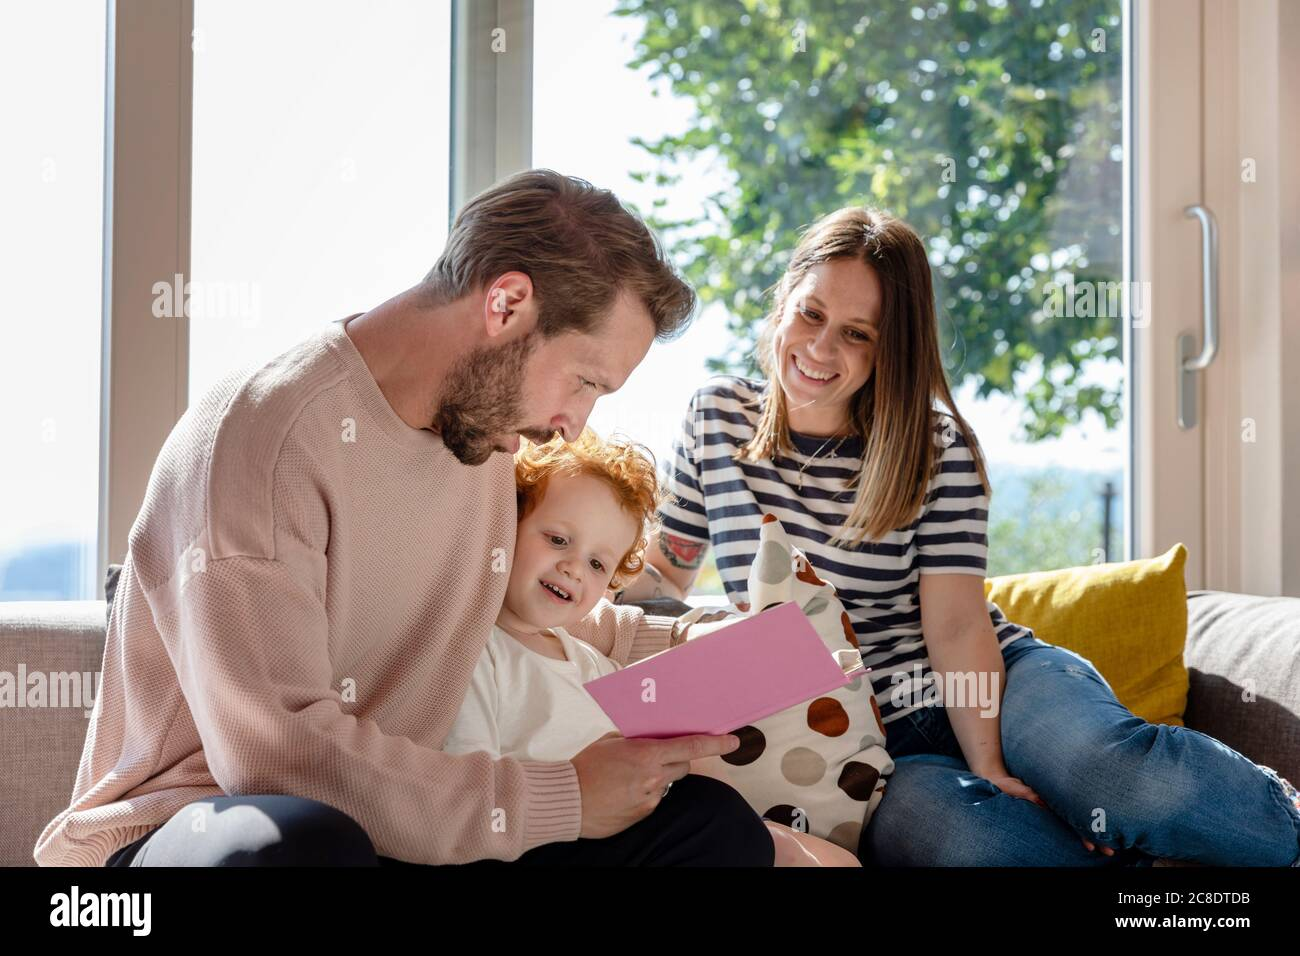 Femme souriante assise et regardant un homme lisant un livre d'images pour garçon dans la salle de séjour Banque D'Images